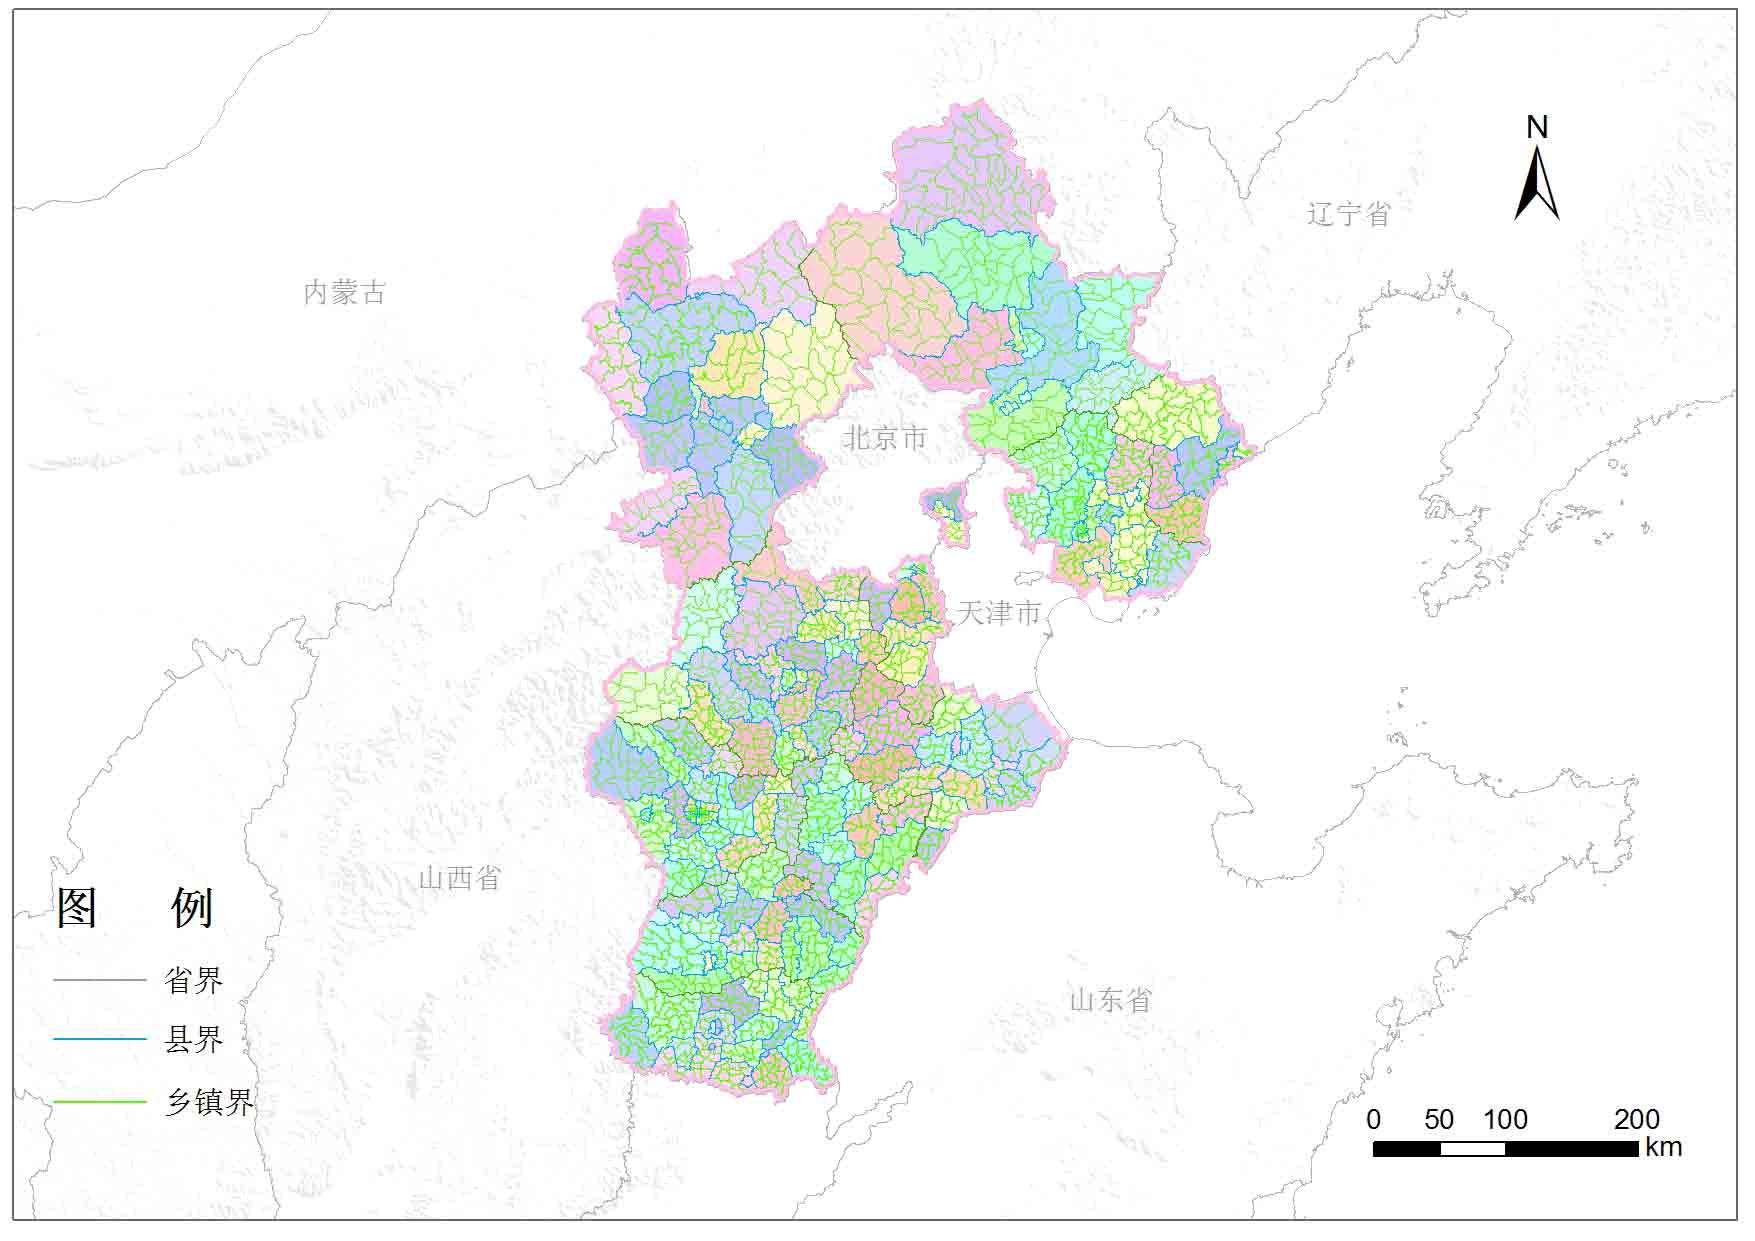 河北省乡镇行政区划-地图数据-地理国情监测云平台